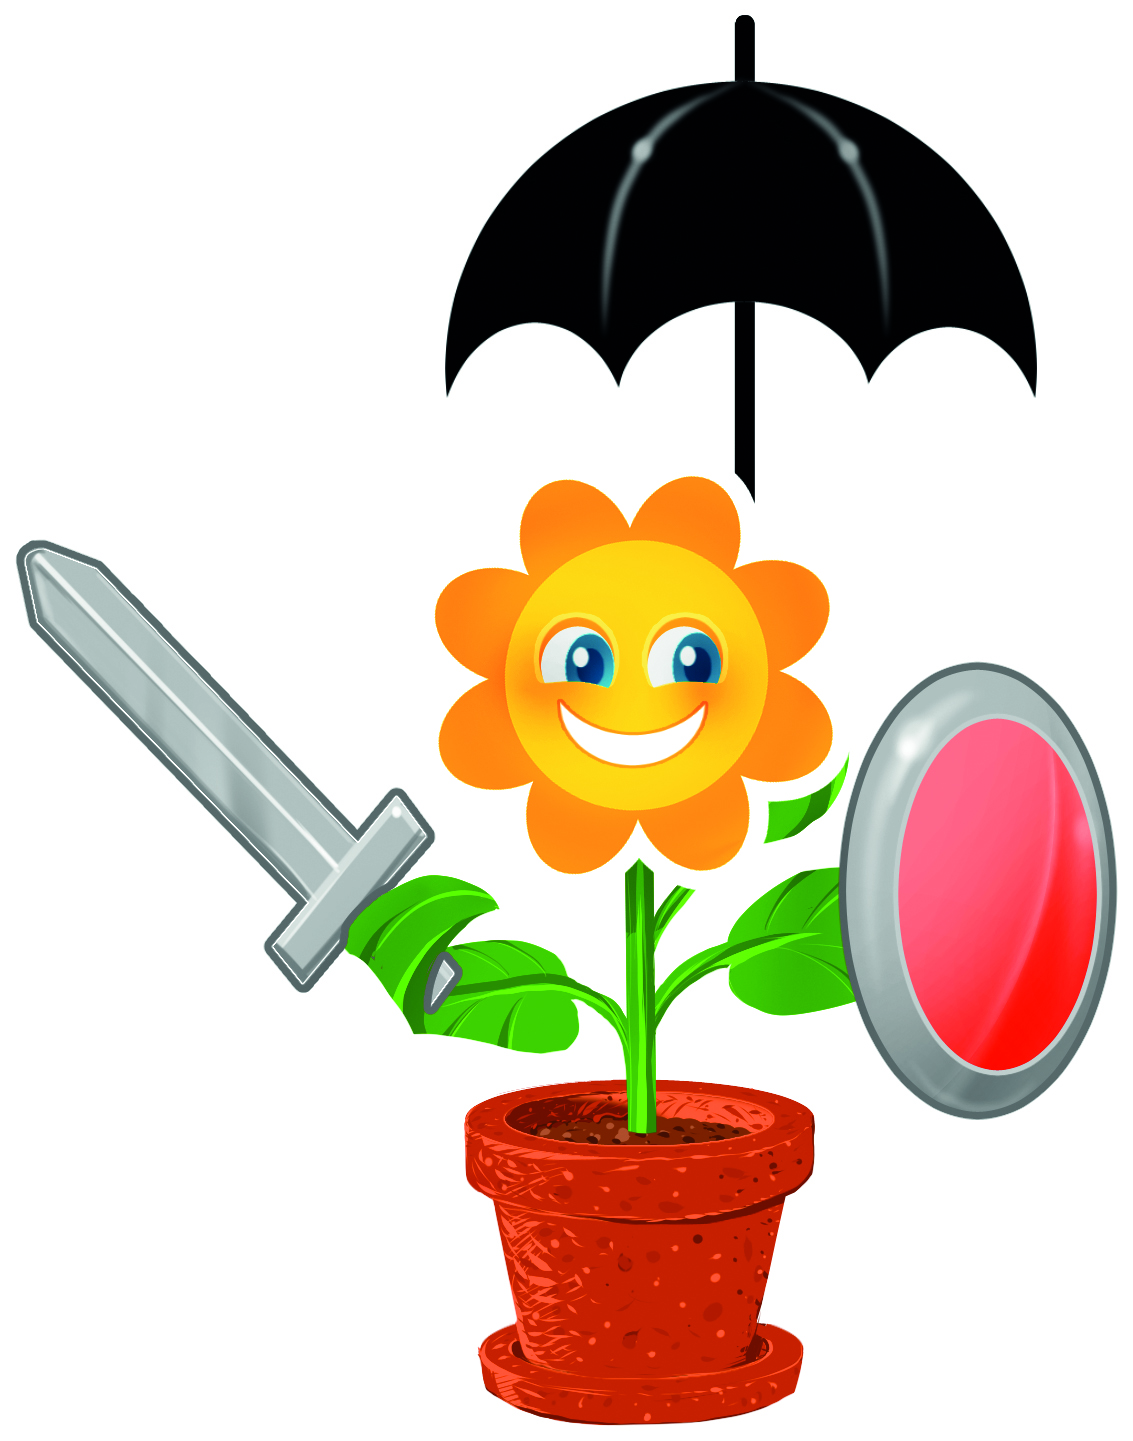 Jede Pflanze in der Natur hat Schutzmechanismen, die ihre Zellen vor Angriffe durch Krankheitserreger schützt.